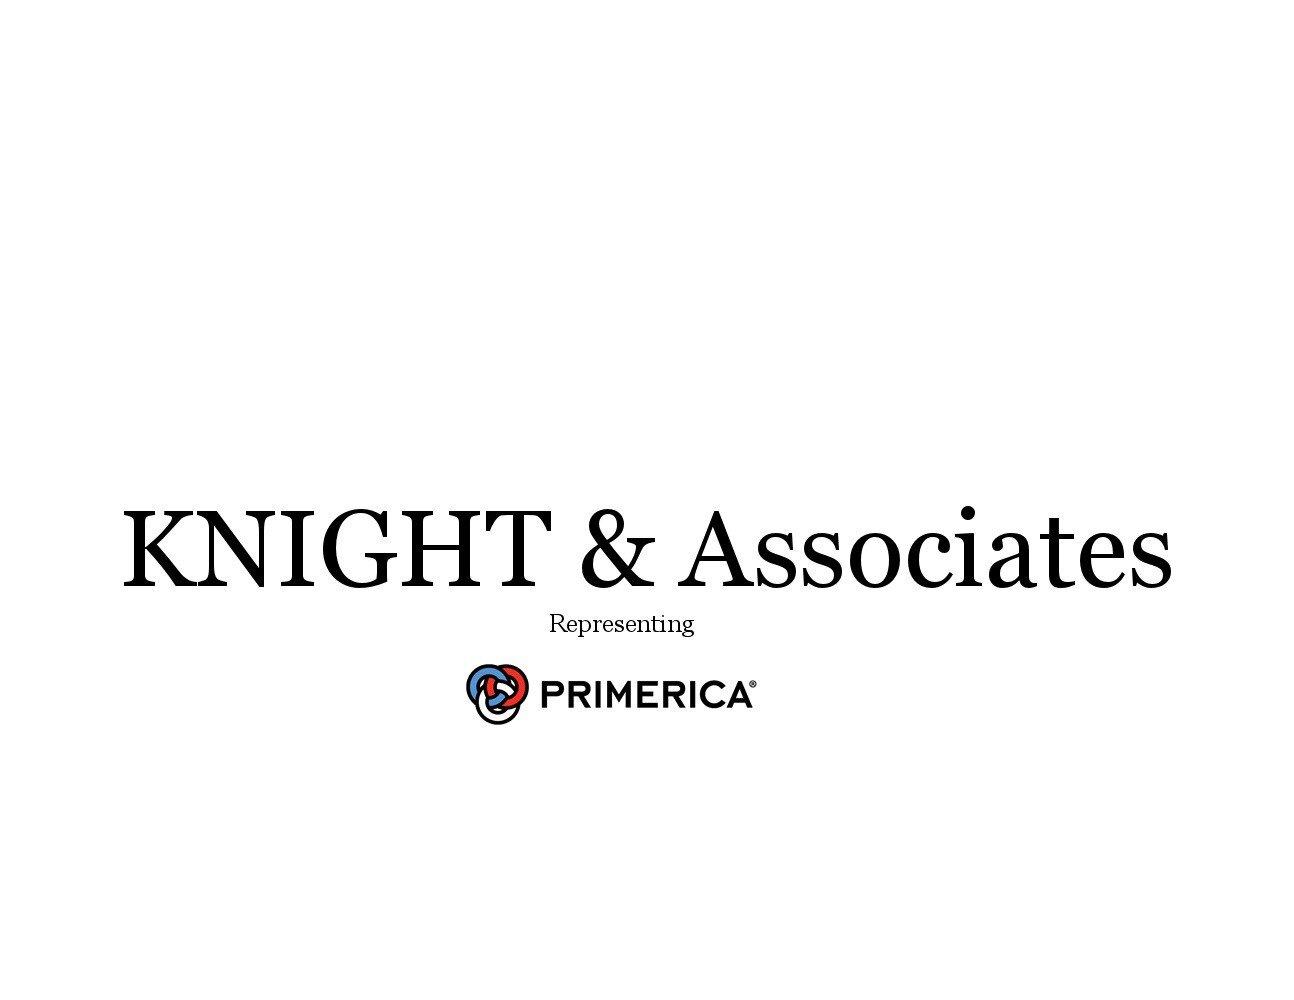 Knight & Associates.jpg